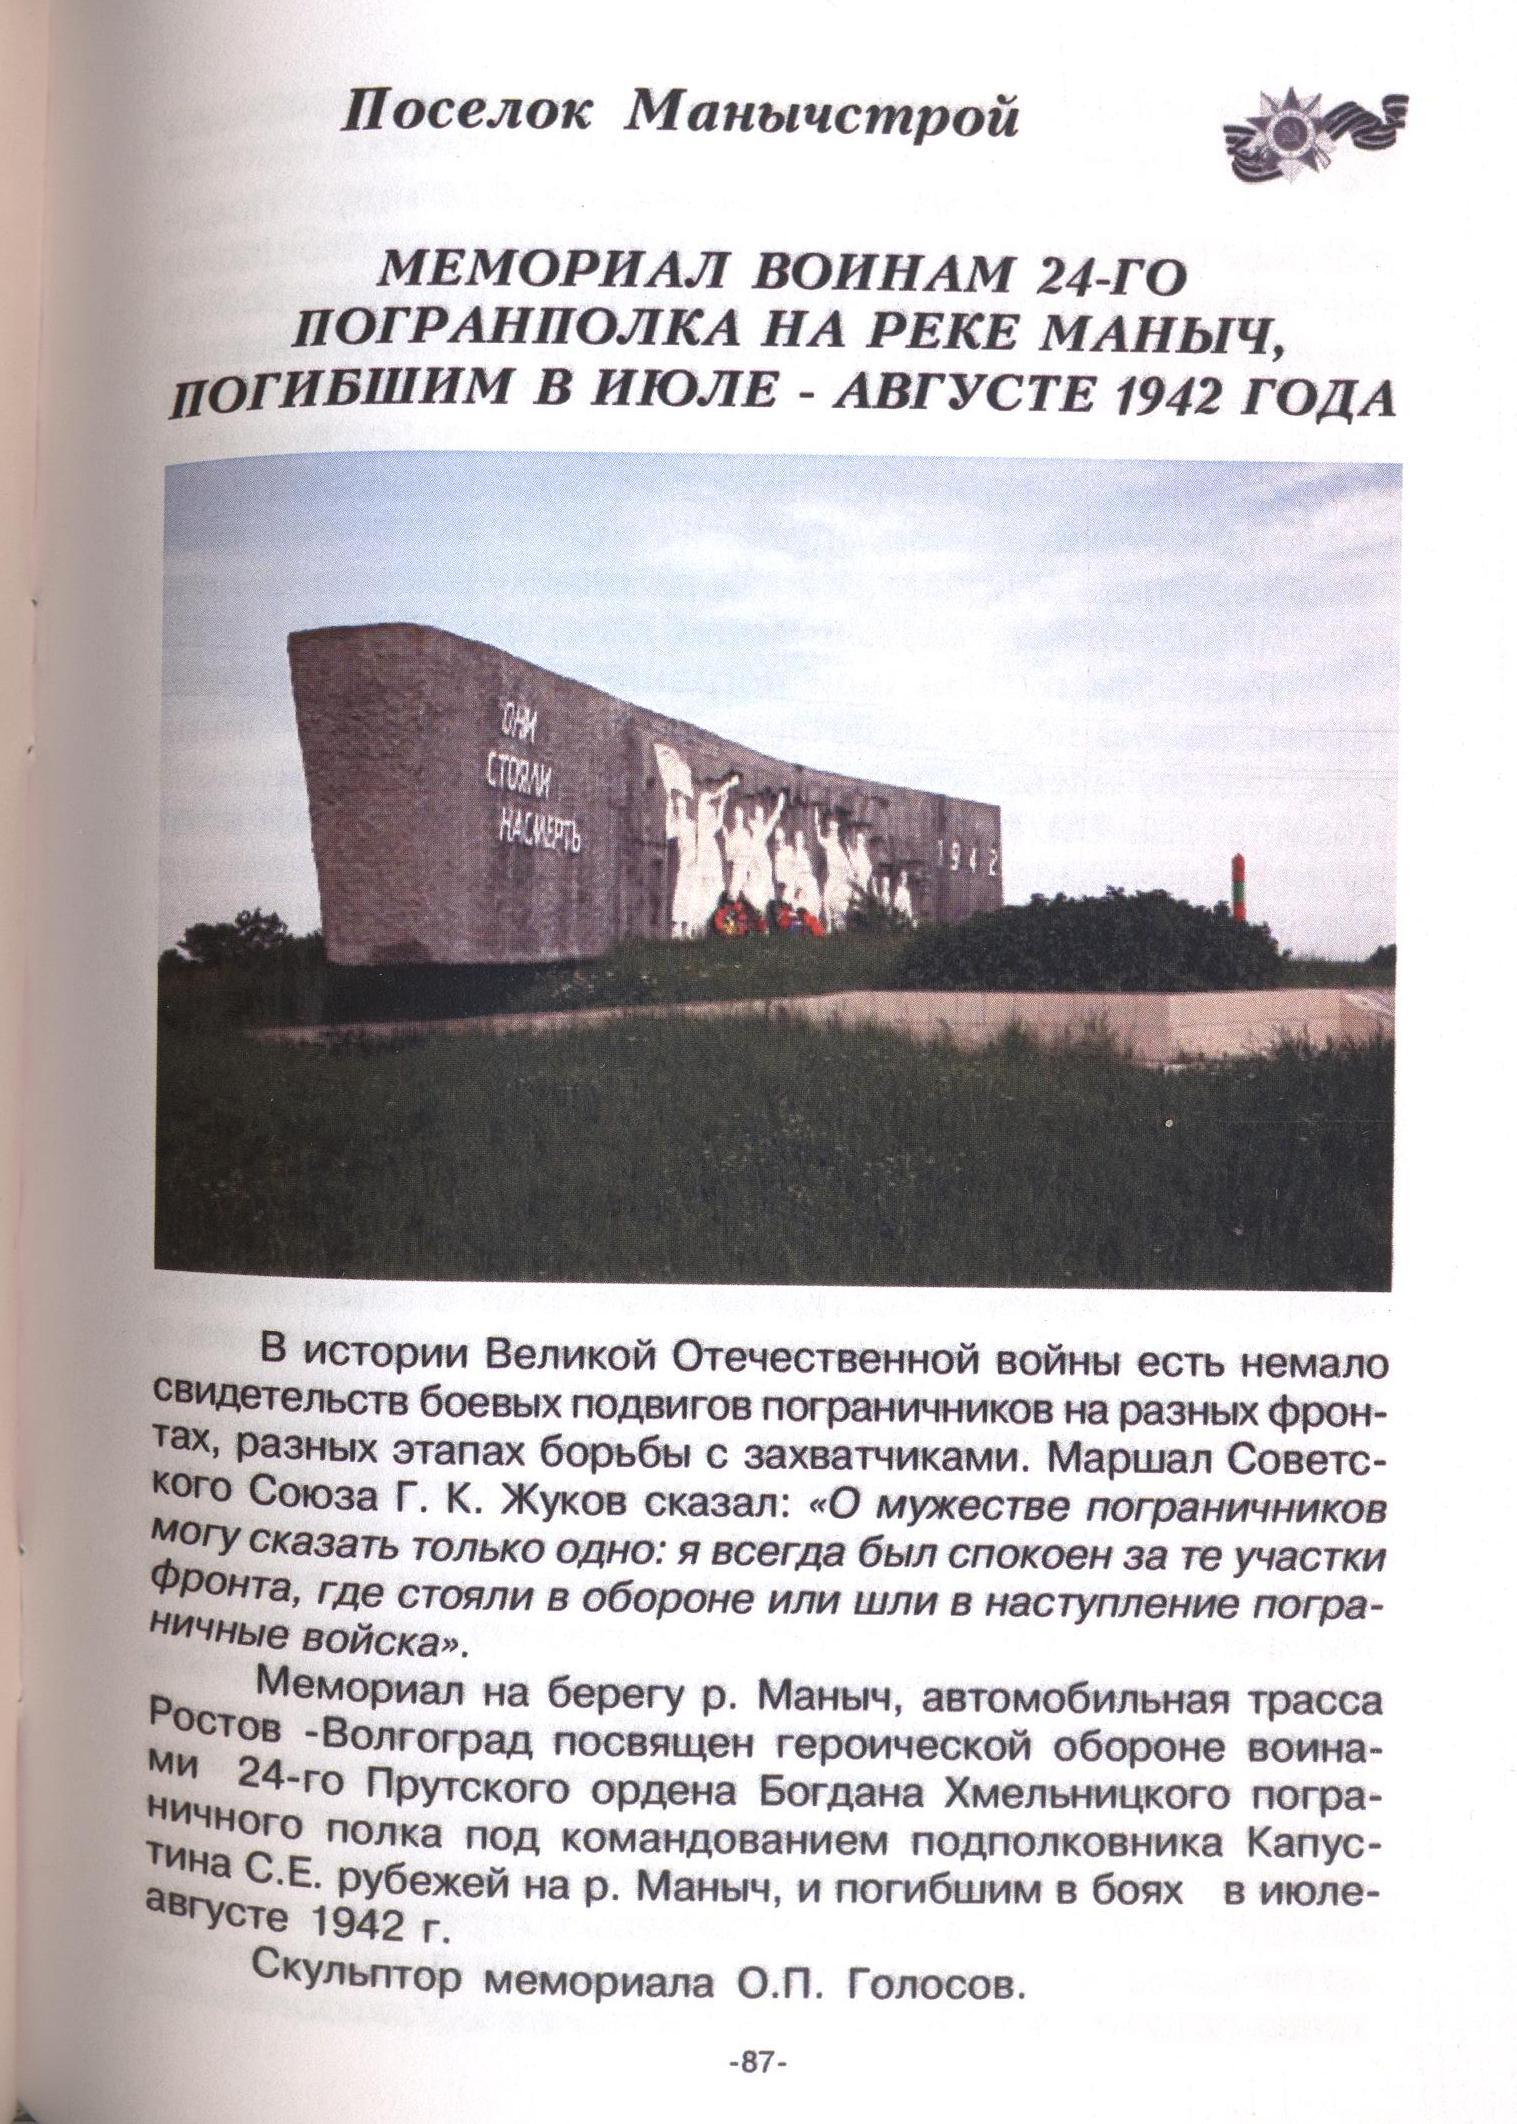 Очерк о мемориале на Маныче (неустановленный журнал) - Страница 1